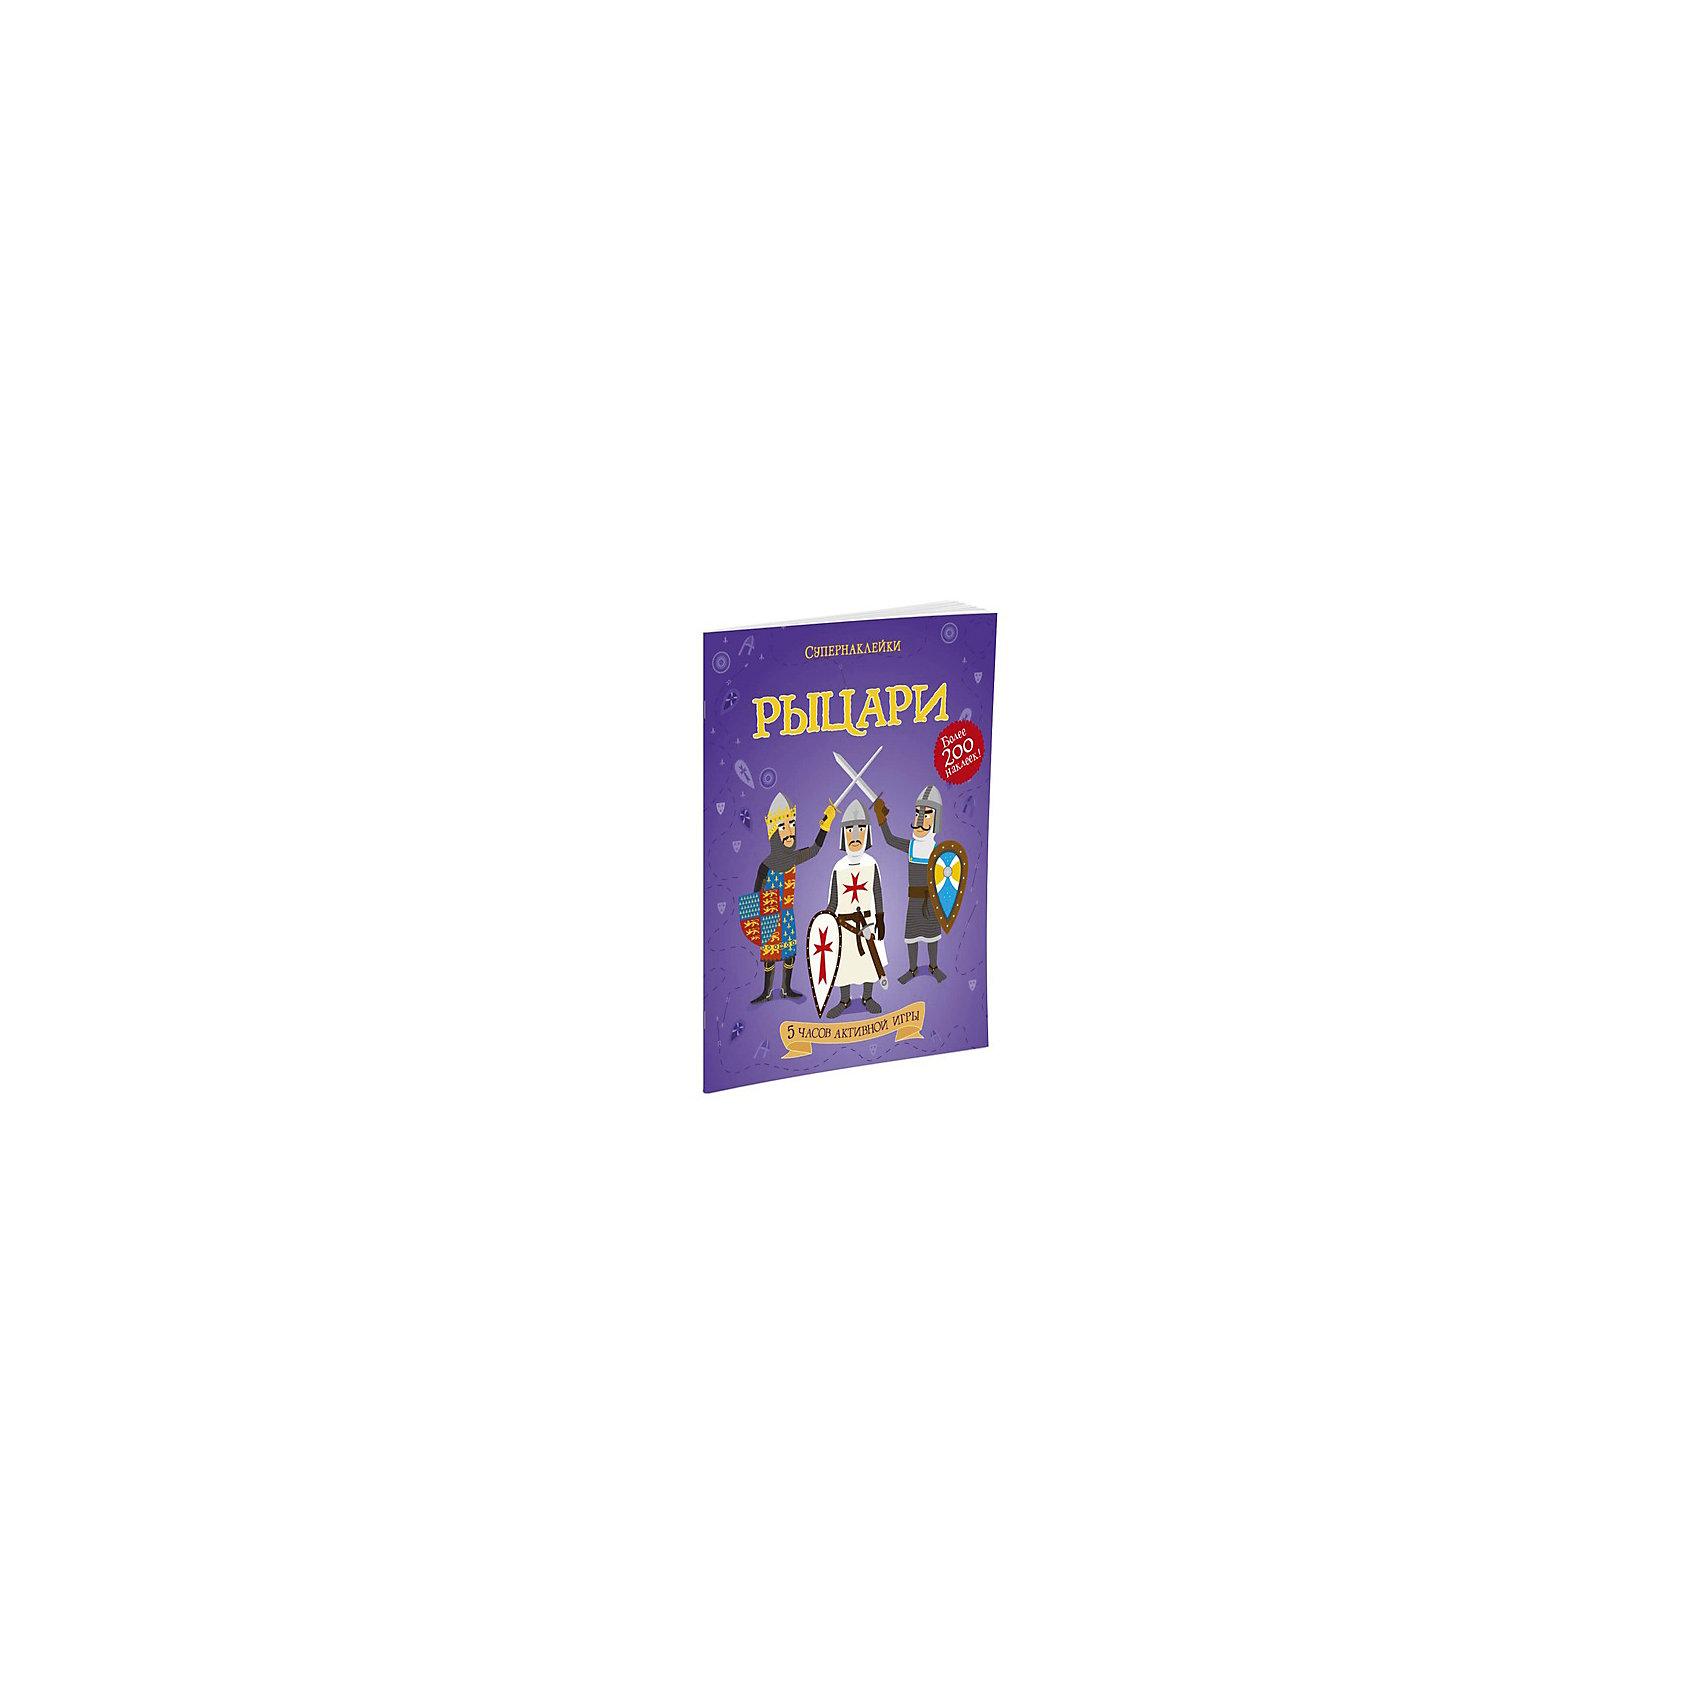 Книжка с наклейками РыцариГерои этой книги – благородные рыцари.<br>Снаряди их для сражения, военного похода, турнира, охоты и пира! <br><br>Читаем и играем! Развиваем внимание, воображение, мелкую моторику и художественный вкус.<br><br>Ширина мм: 305<br>Глубина мм: 240<br>Высота мм: 40<br>Вес г: 301<br>Возраст от месяцев: 84<br>Возраст до месяцев: 120<br>Пол: Мужской<br>Возраст: Детский<br>SKU: 5493462